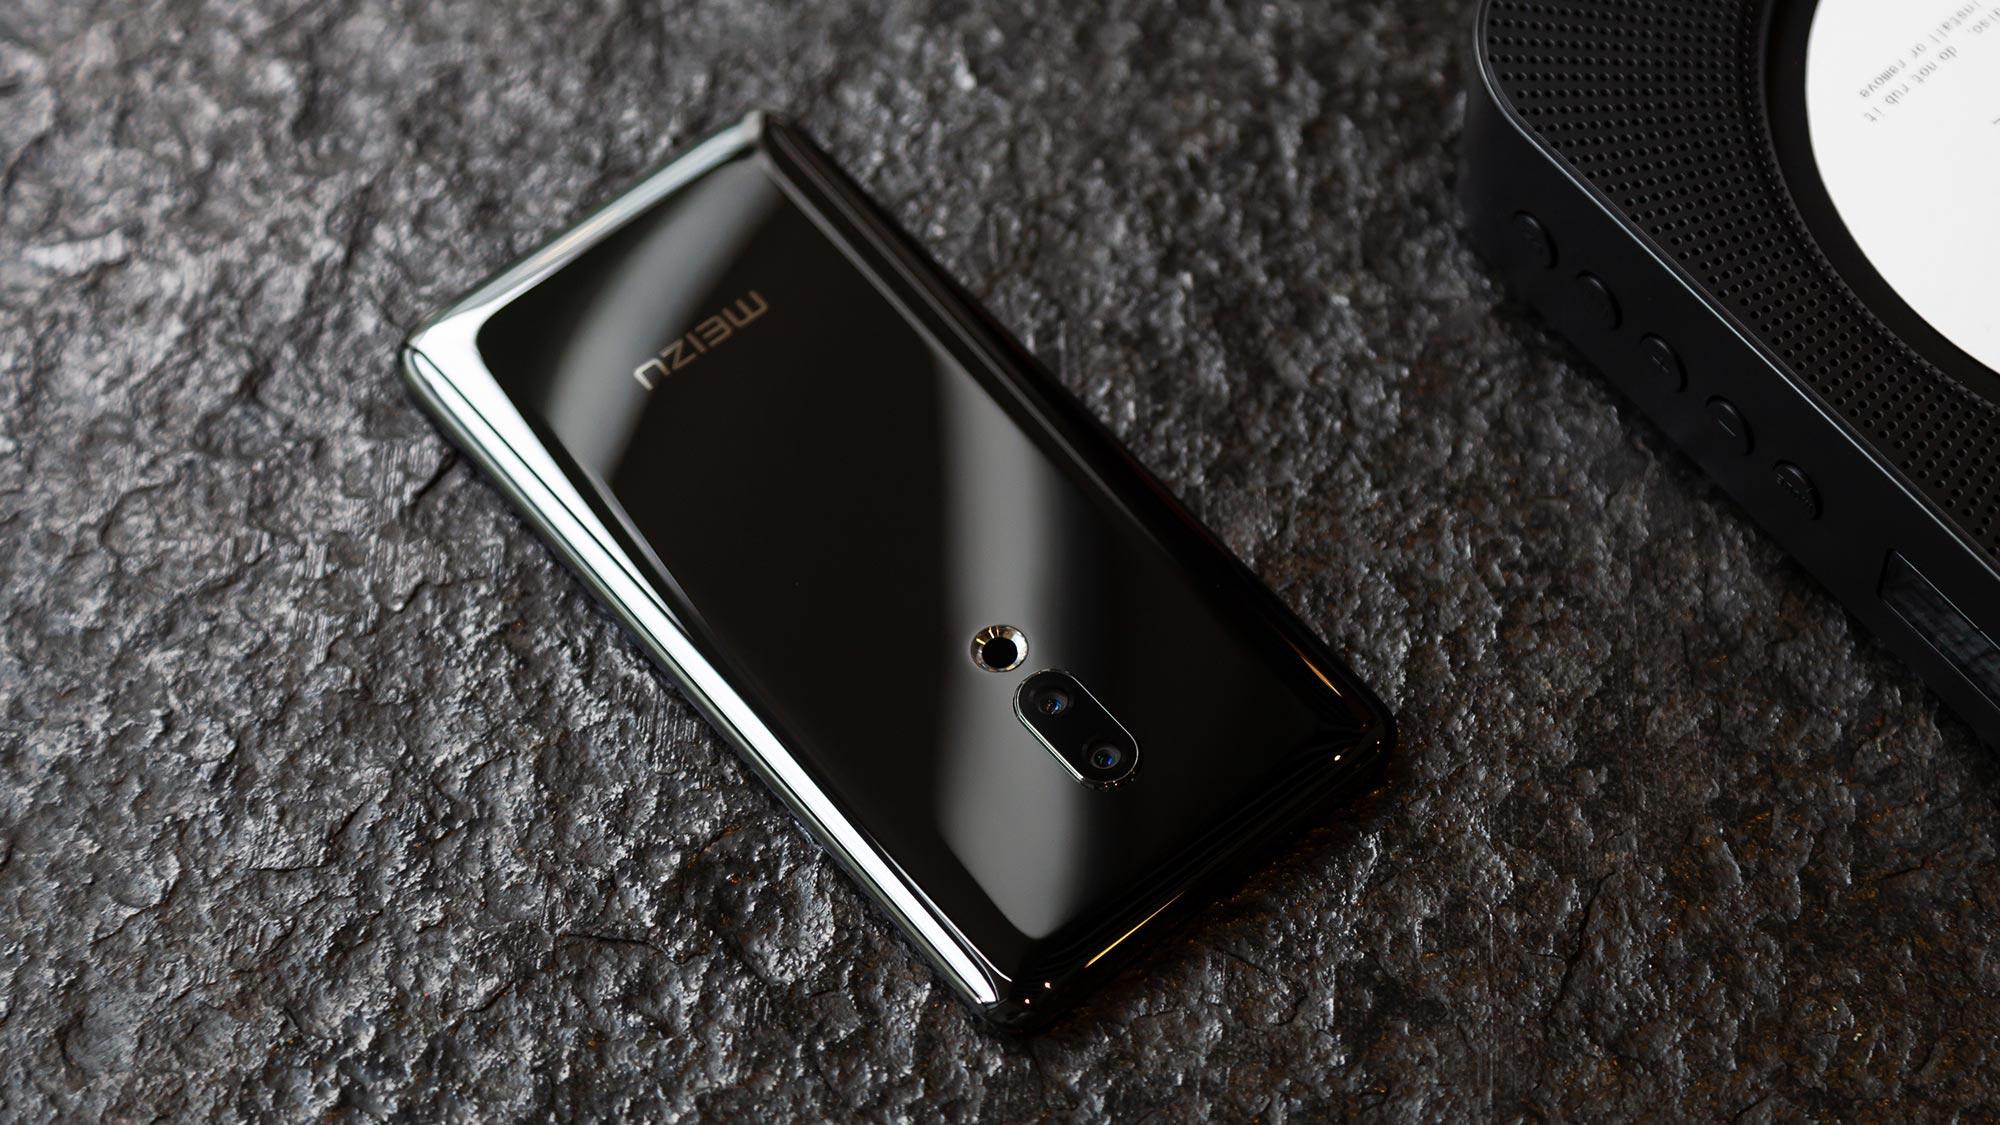 Meizu Zero : le smartphone sans boutons ni connectique USB-C !